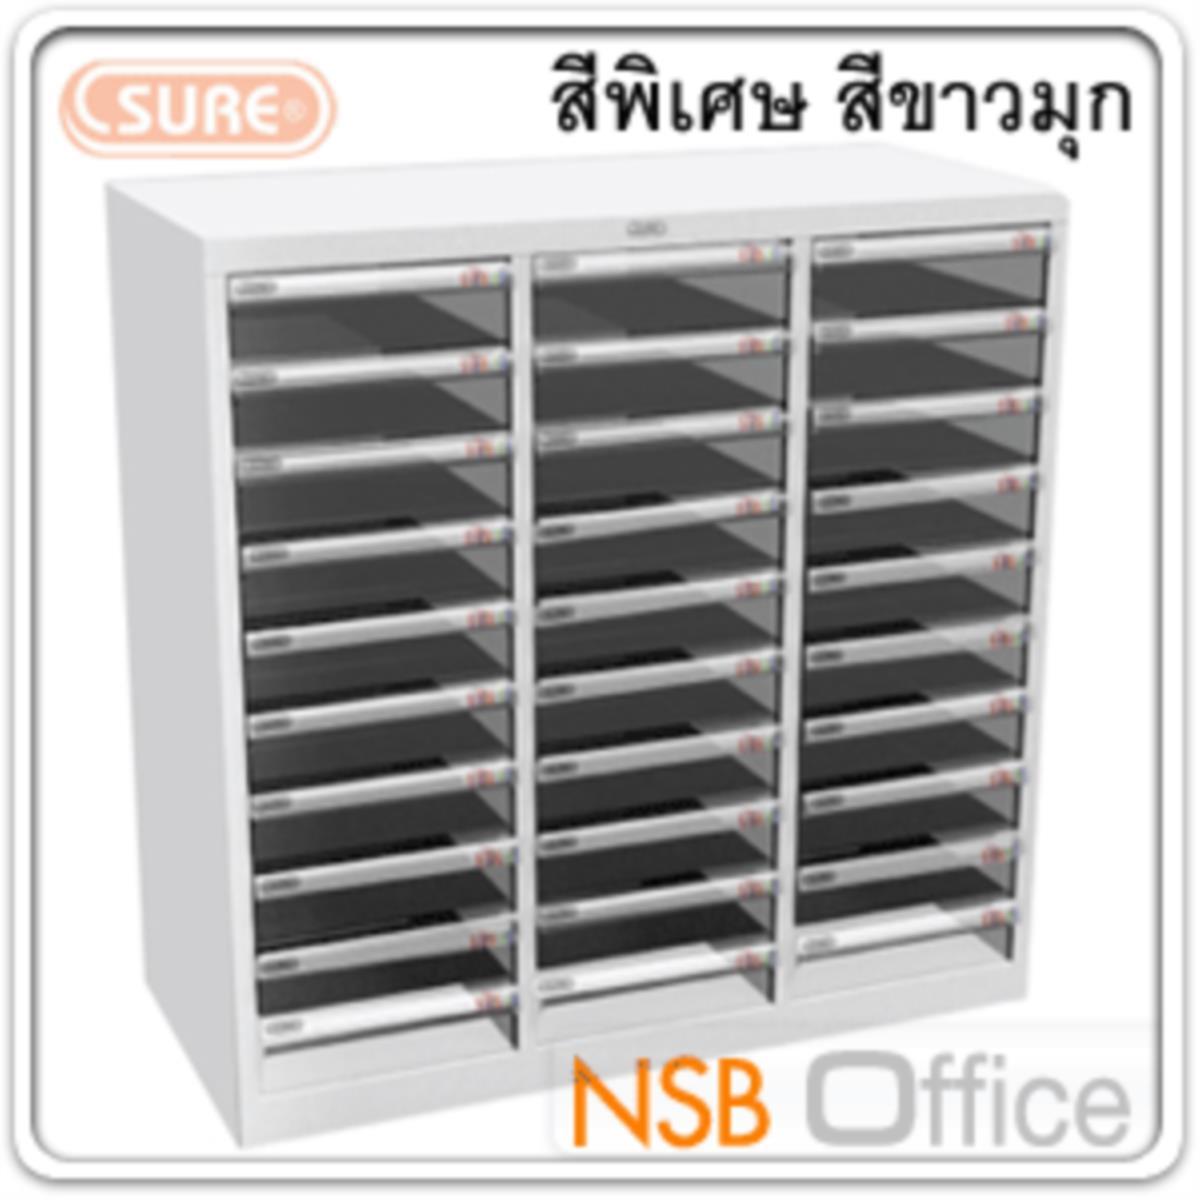 ตู้เก็บเอกสาร 3แถว 30 ลิ้นชักใหญ่ โครงตู้สีขาวมุก (88W*40.7D*88H cm.) รุ่น CSD-302